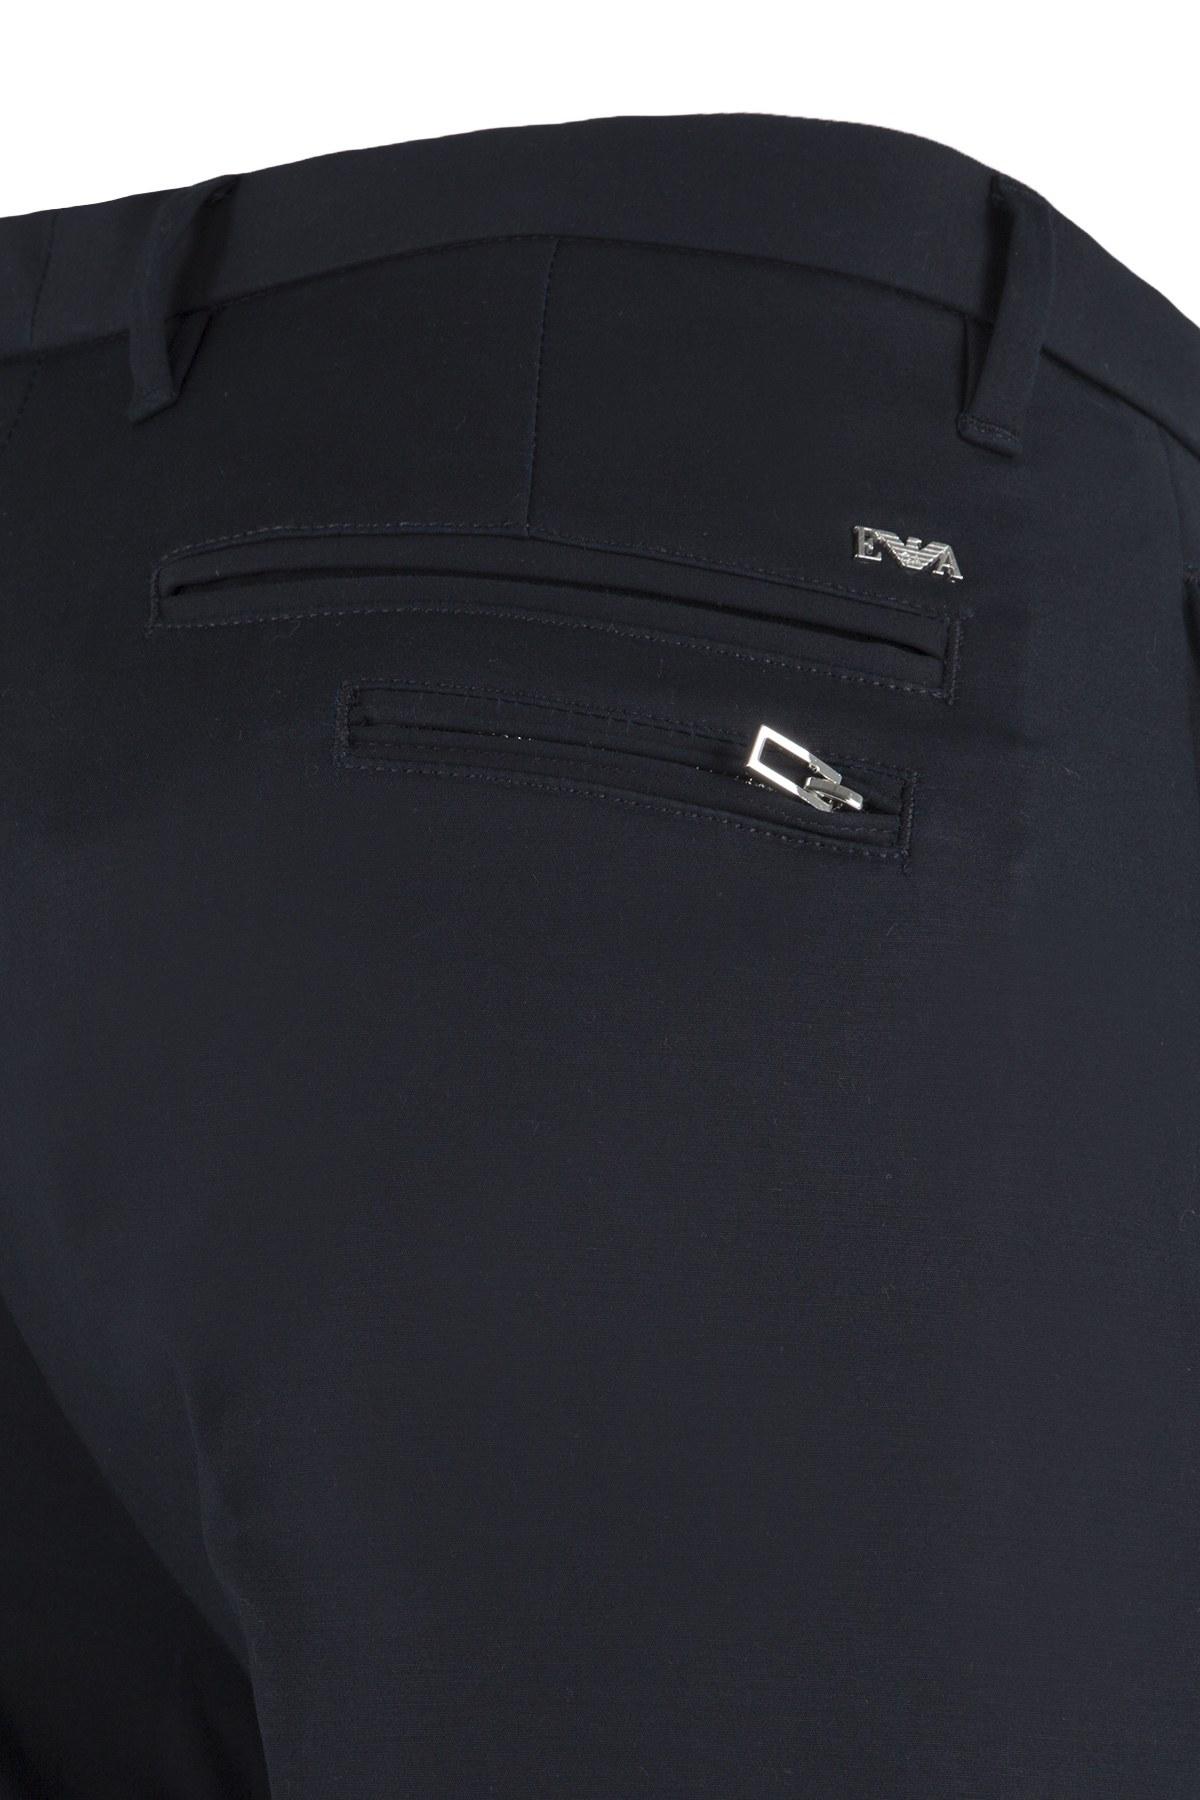 EMPORIO ARMANI Erkek Pantolon 6Z1PN6 1NGCZ 0922 LACİVERT